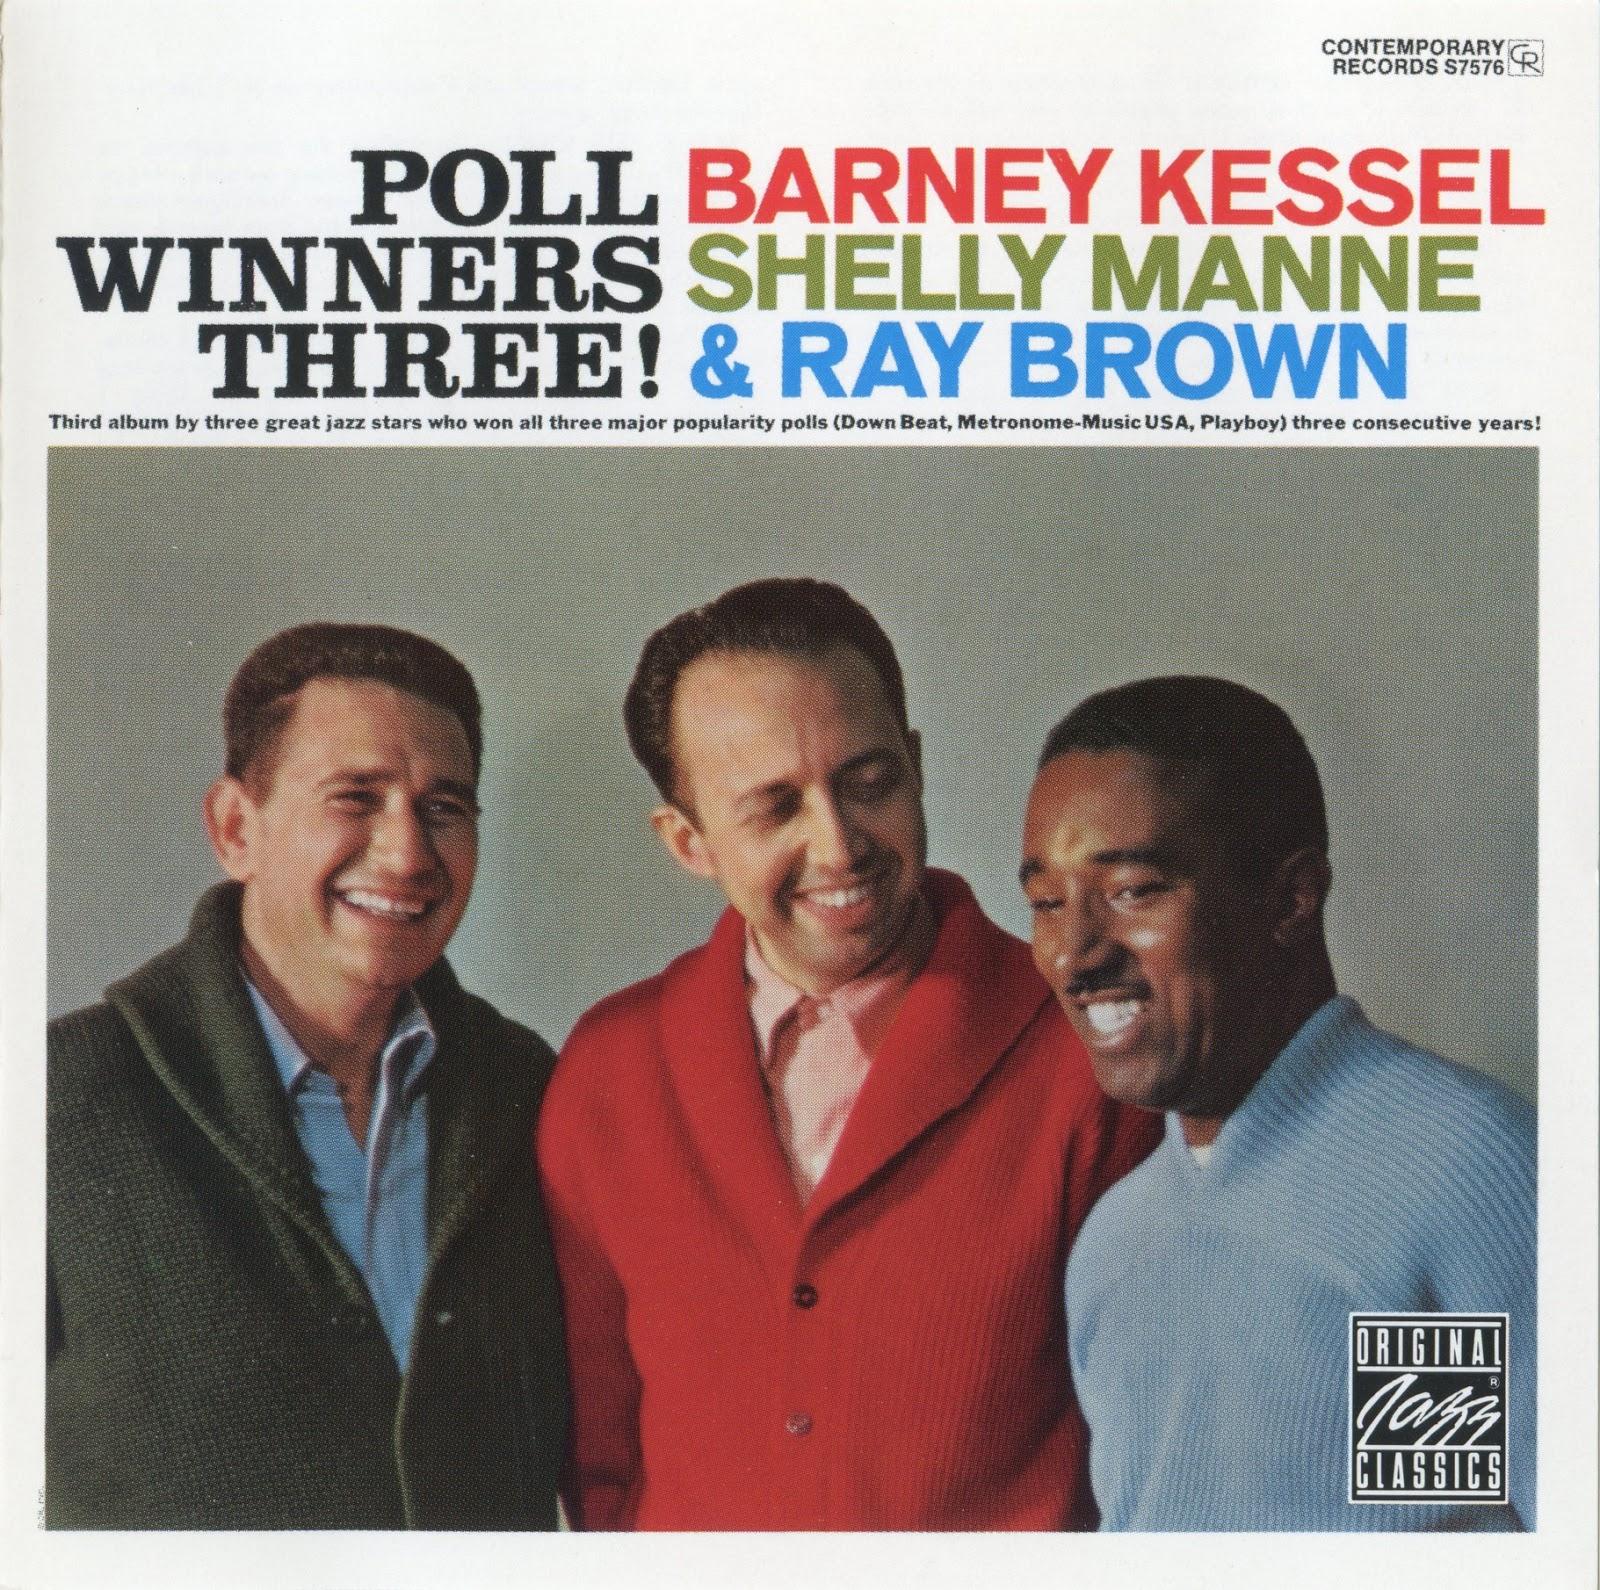 http://3.bp.blogspot.com/-U5W8UZEjggc/UfhGB9HNj6I/AAAAAAAALIA/1E5ukF4szfQ/s1600/Poll+Winners+-+Three.jpg